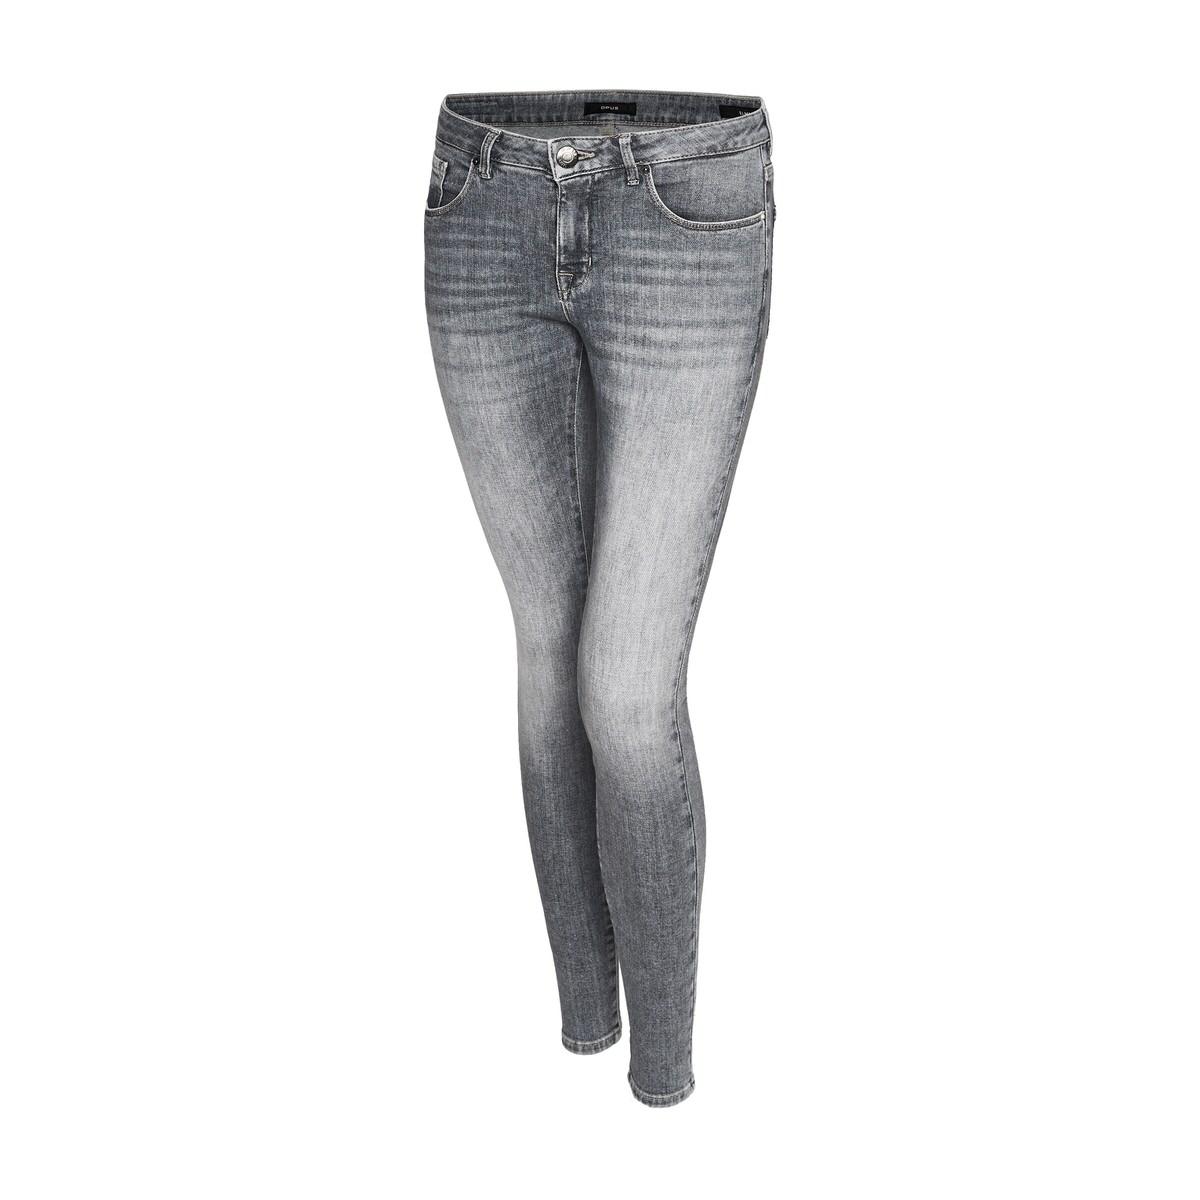 Artikel klicken und genauer betrachten! - Diese Skinny Jeans trägt sich durch die softe Ware wie eine zweite Haut und erhält dadurch ein hervorragendes Tragegefühl. Die tolle Denim Waschung lässt einen authentischen Look entstehen. Die Jeans besteht aus hochwertiger italienischer Candiani Denim Ware. Elastischer Baumwoll-Mix, Candiani Denim, graue Waschung, Five-Pocket Design, schmale Passform, das Model ist 177 cm groß und trägt Größe 36. | im Online Shop kaufen